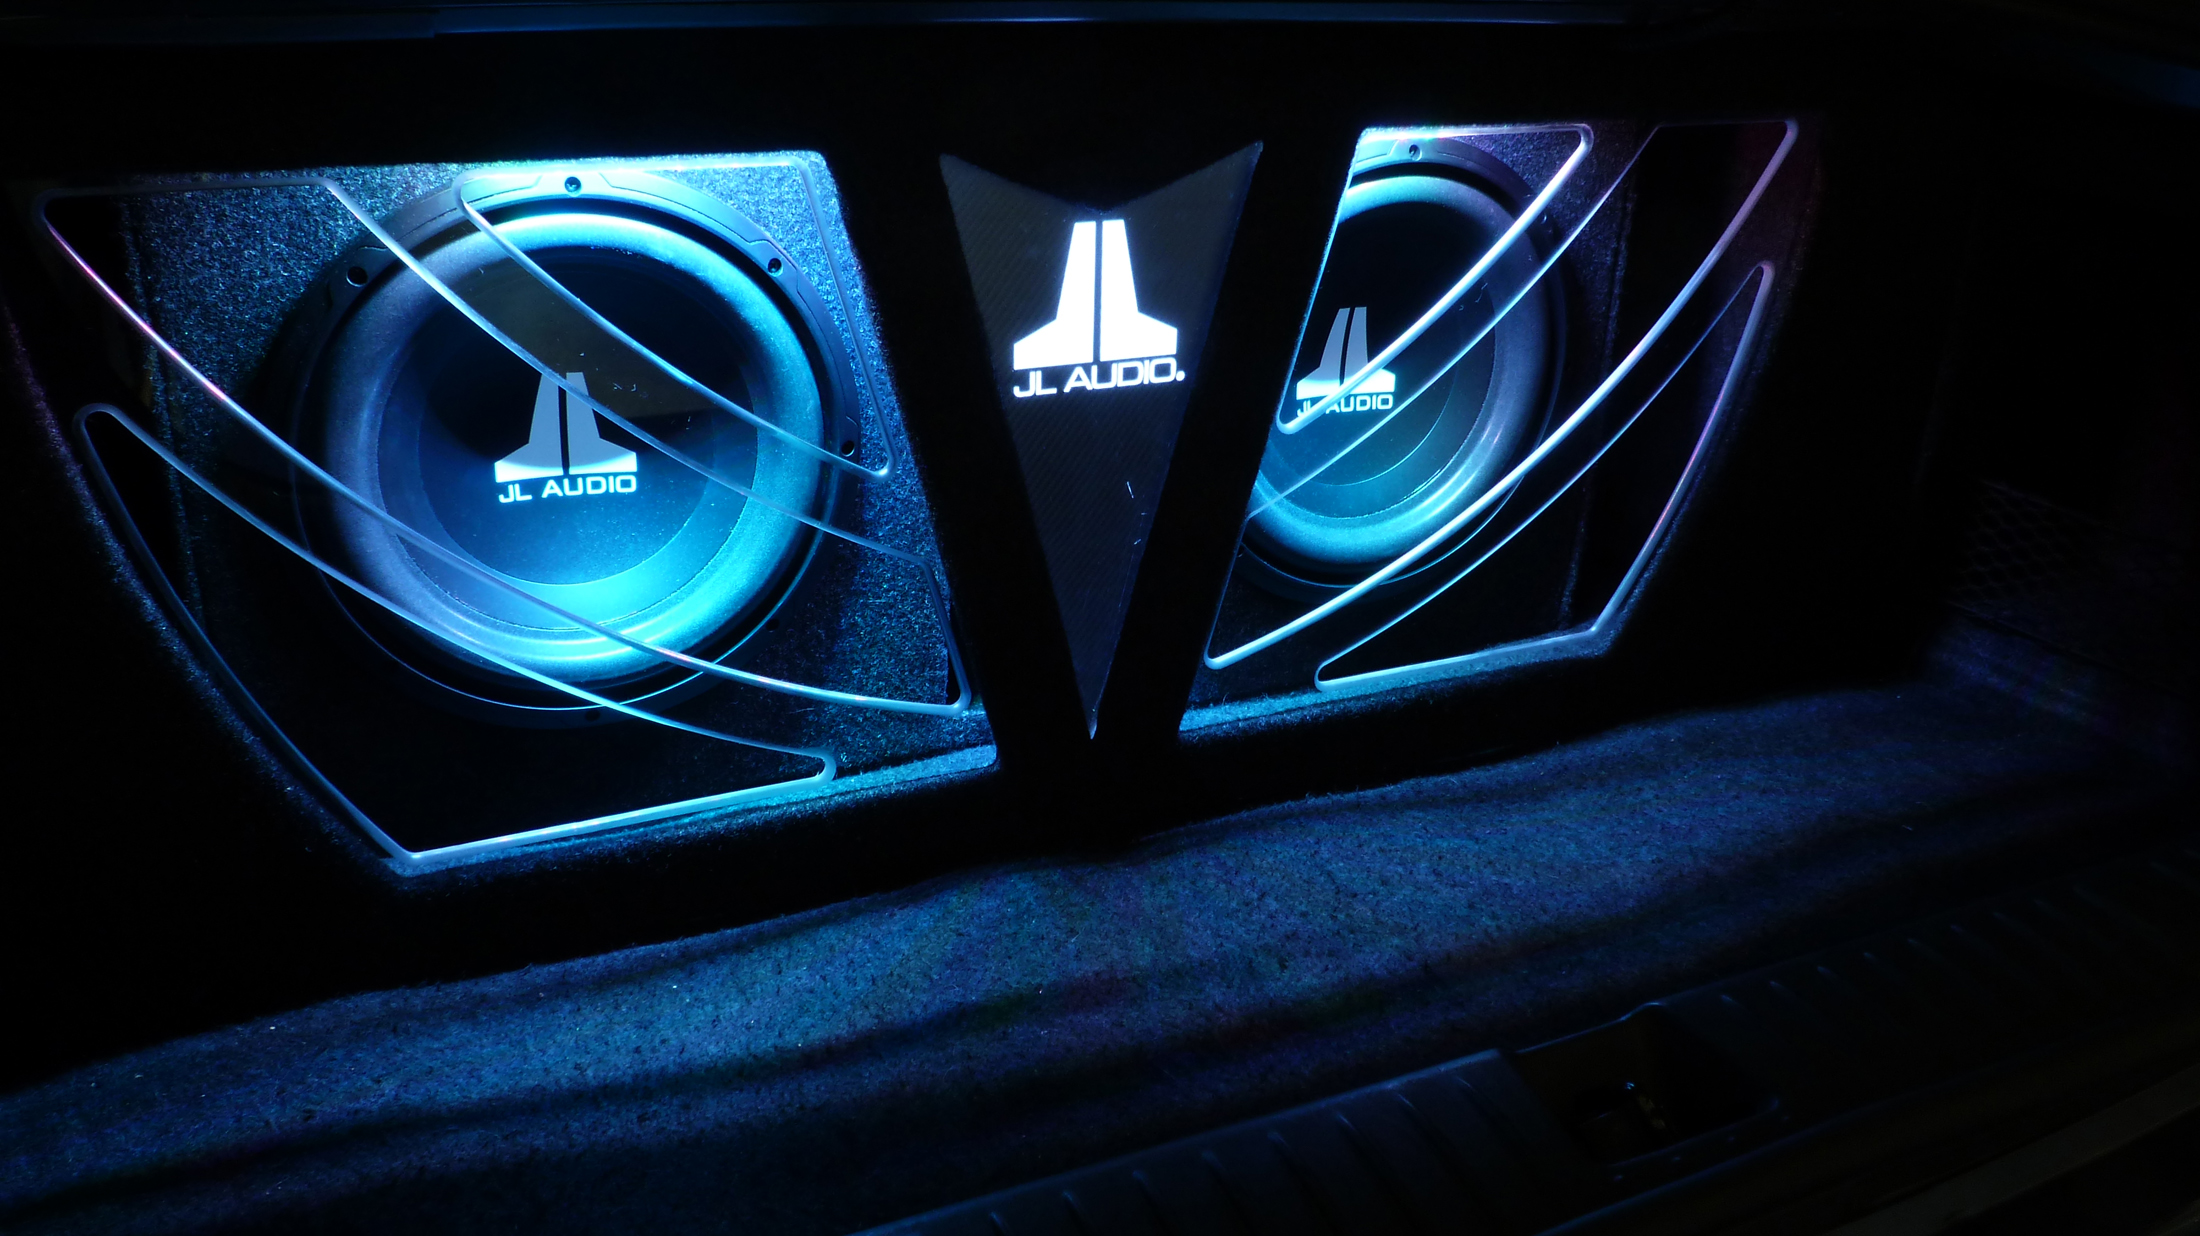 Pontiac Grand Prix | Santa Fe Auto Sound